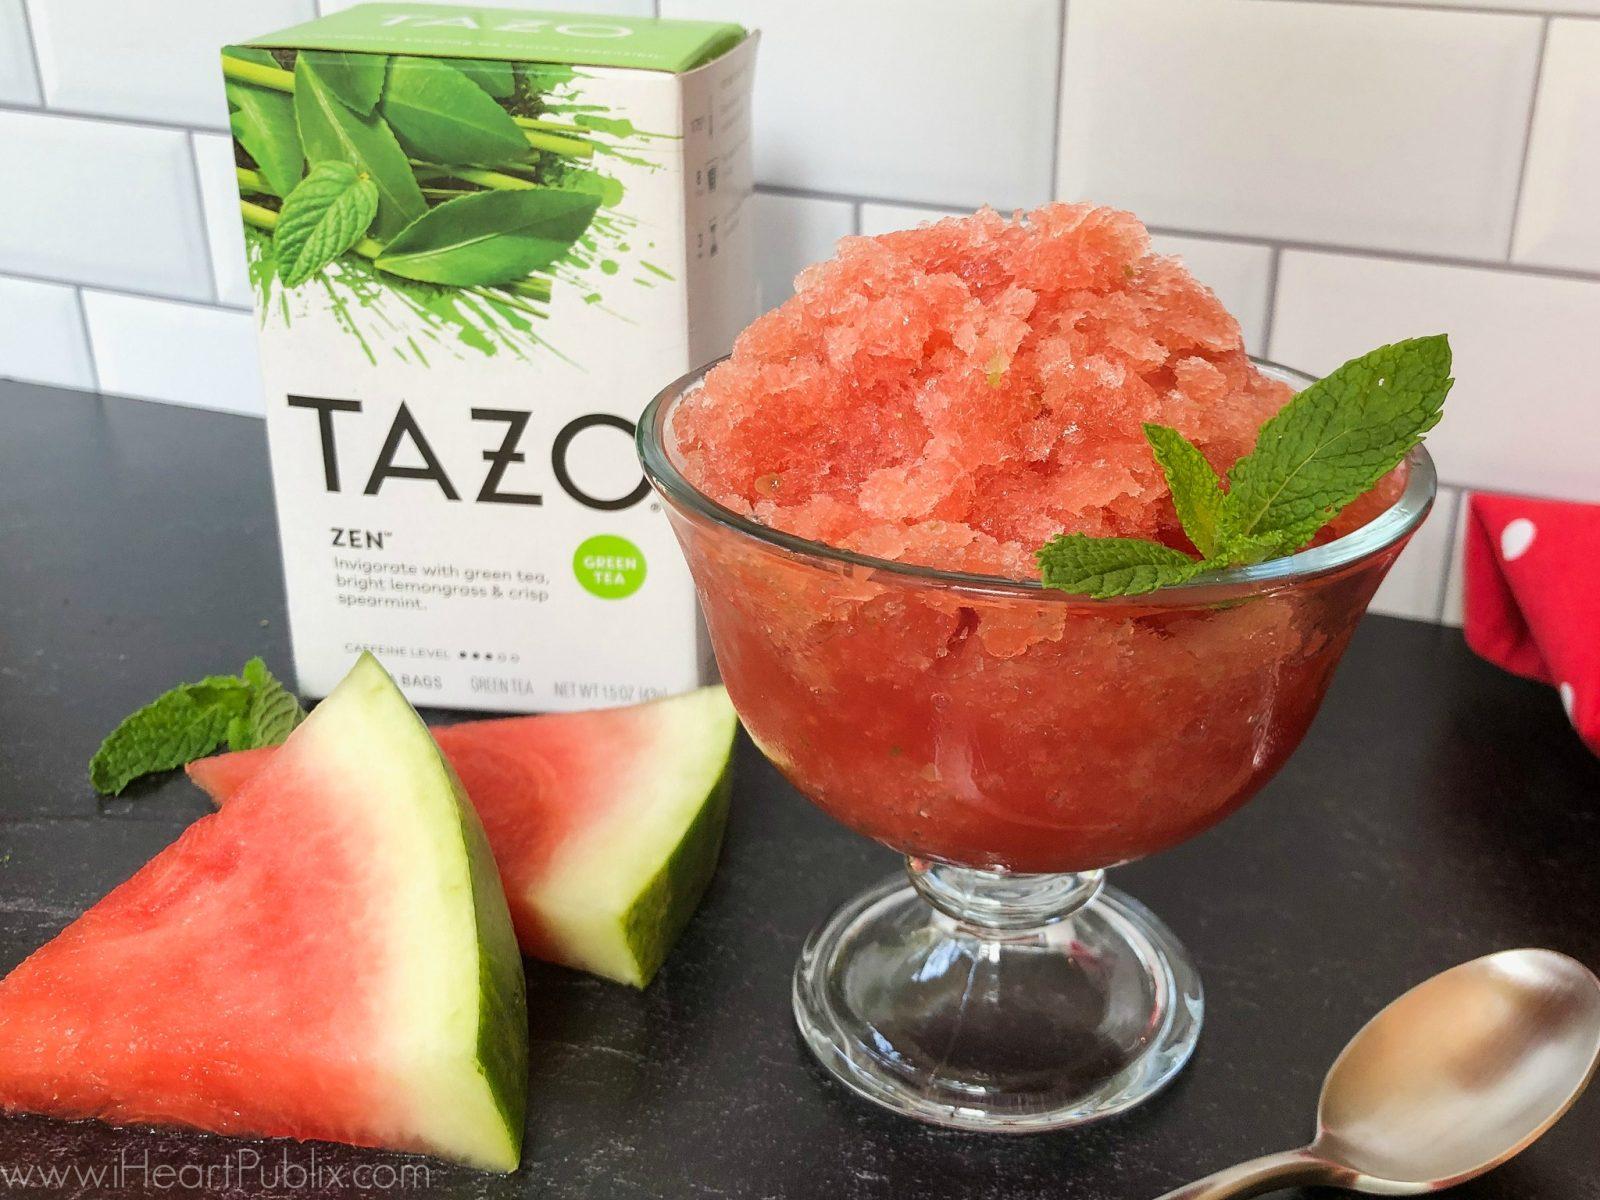 TAZO Zen Watermelon Granita - Perfect Recipe For The TAZO Tea Sale At Publix on I Heart Publix